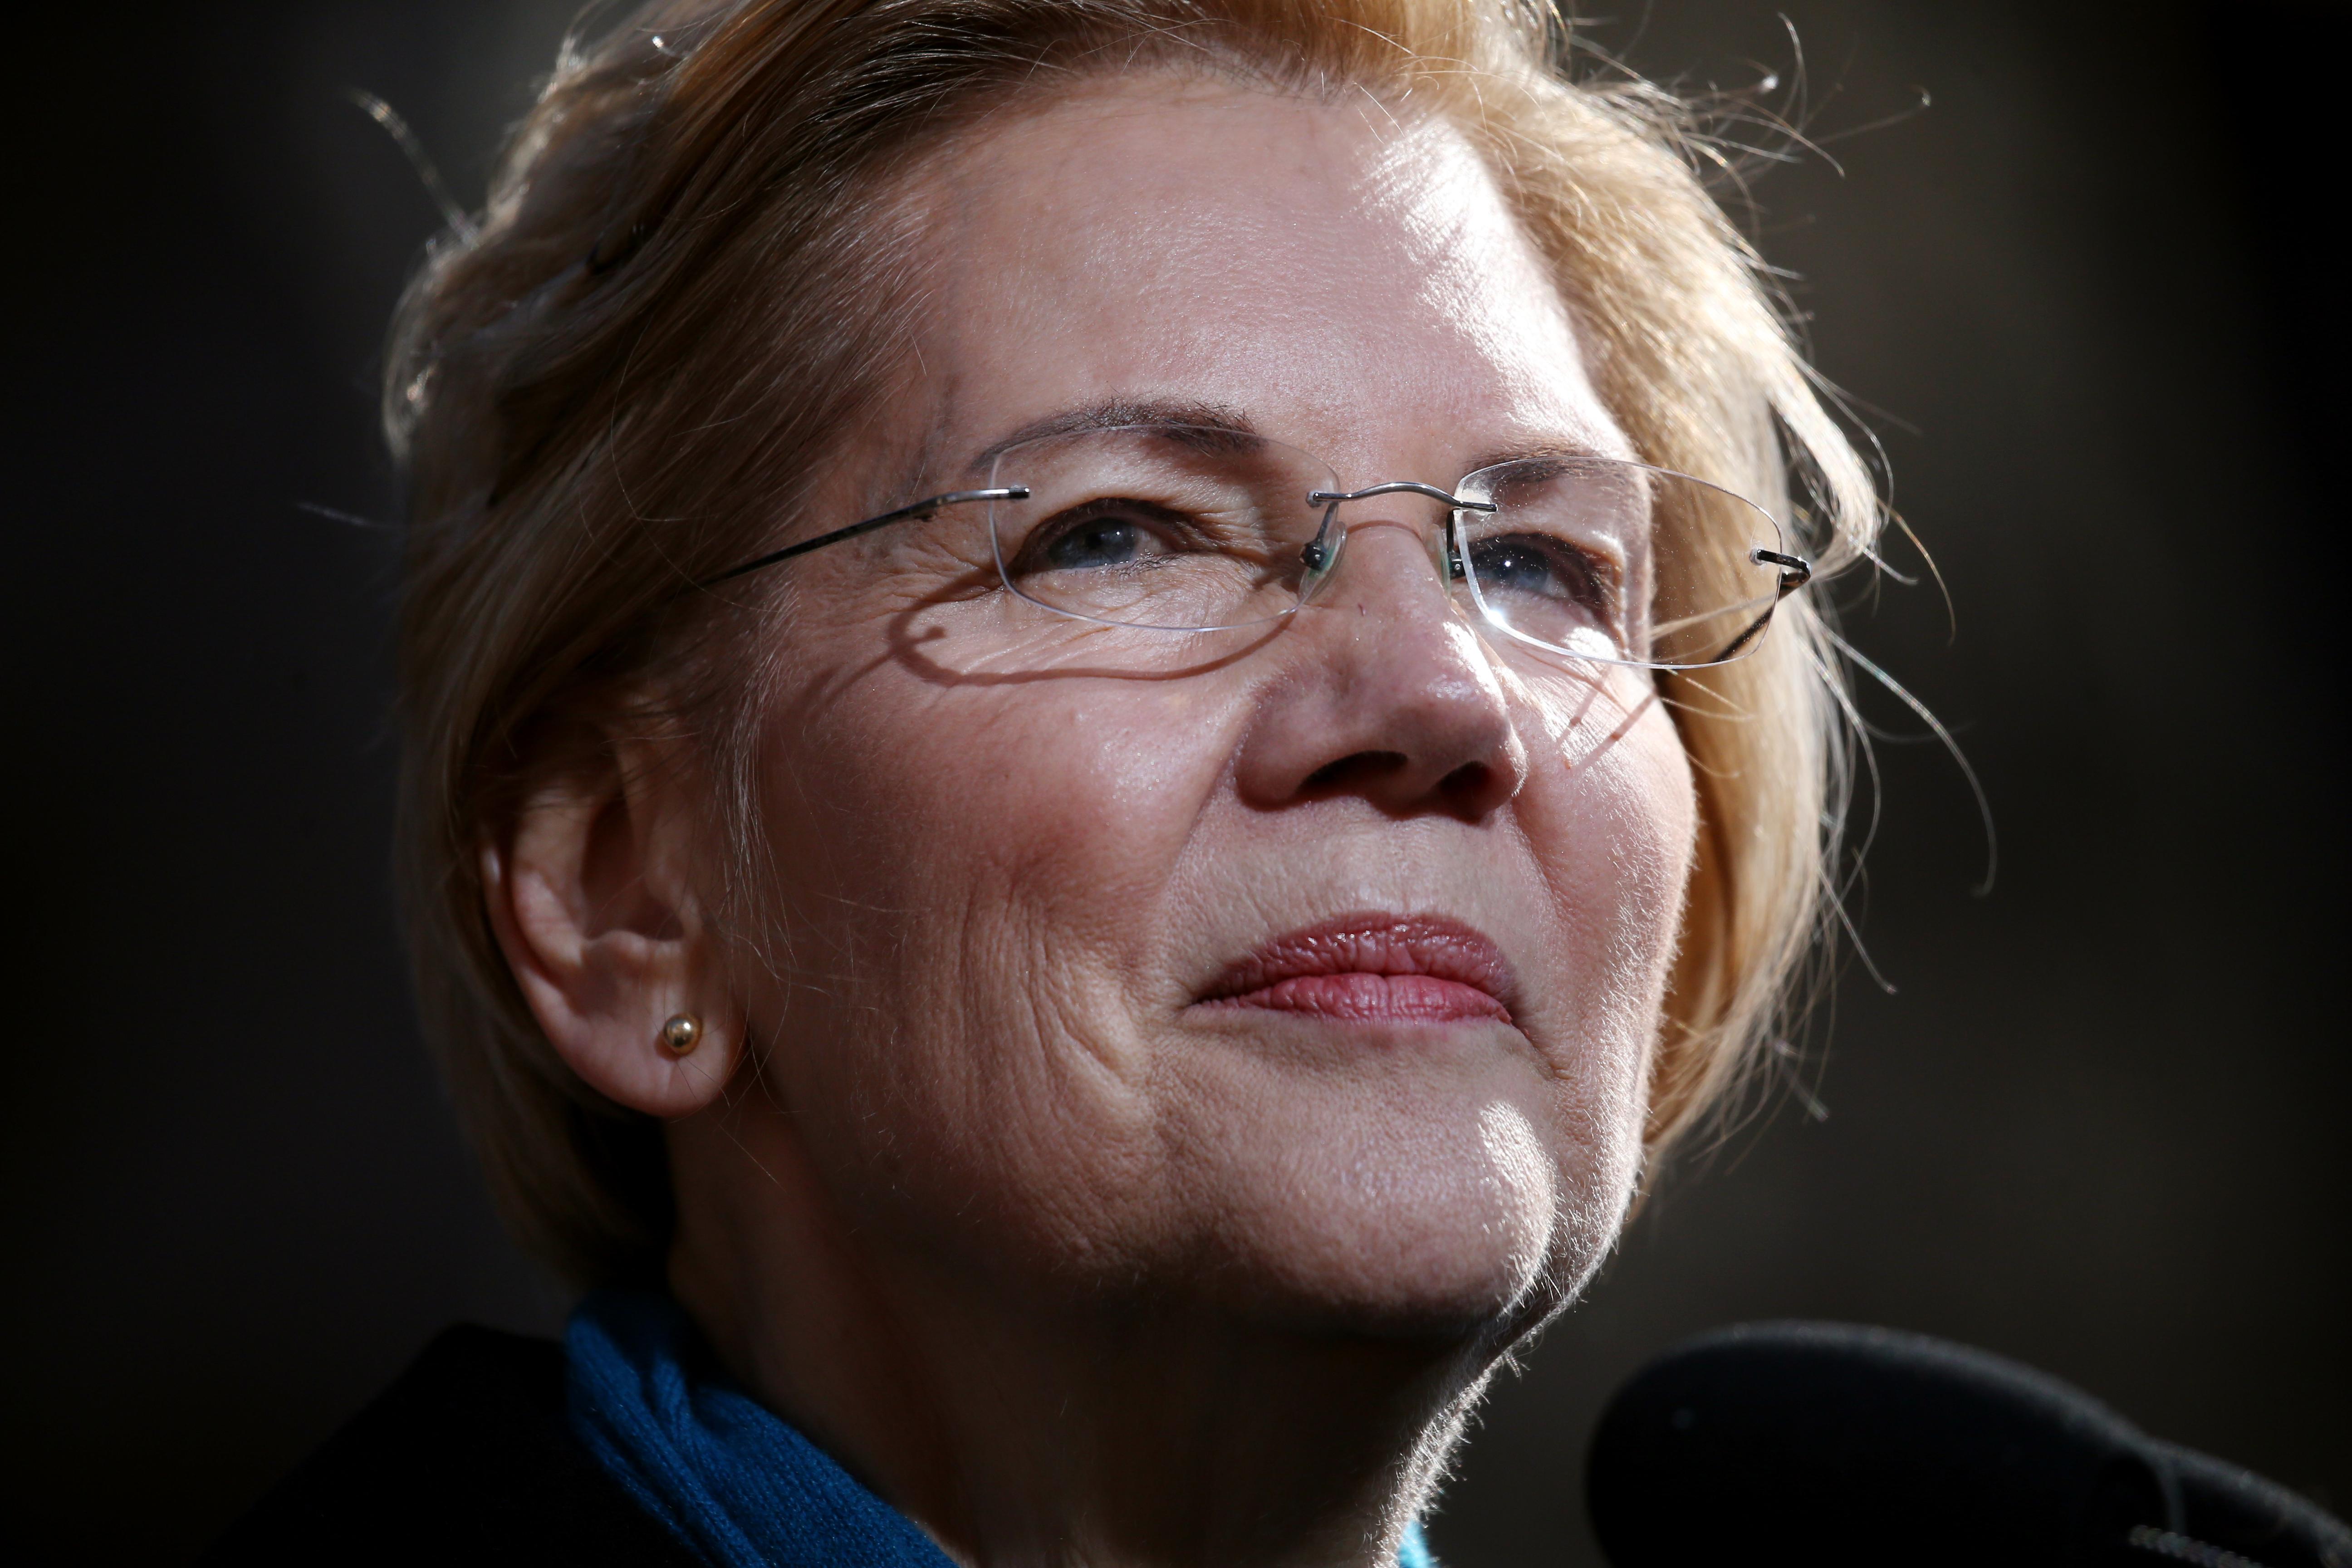 What, no roses from Warren? A socialist critiques her speech